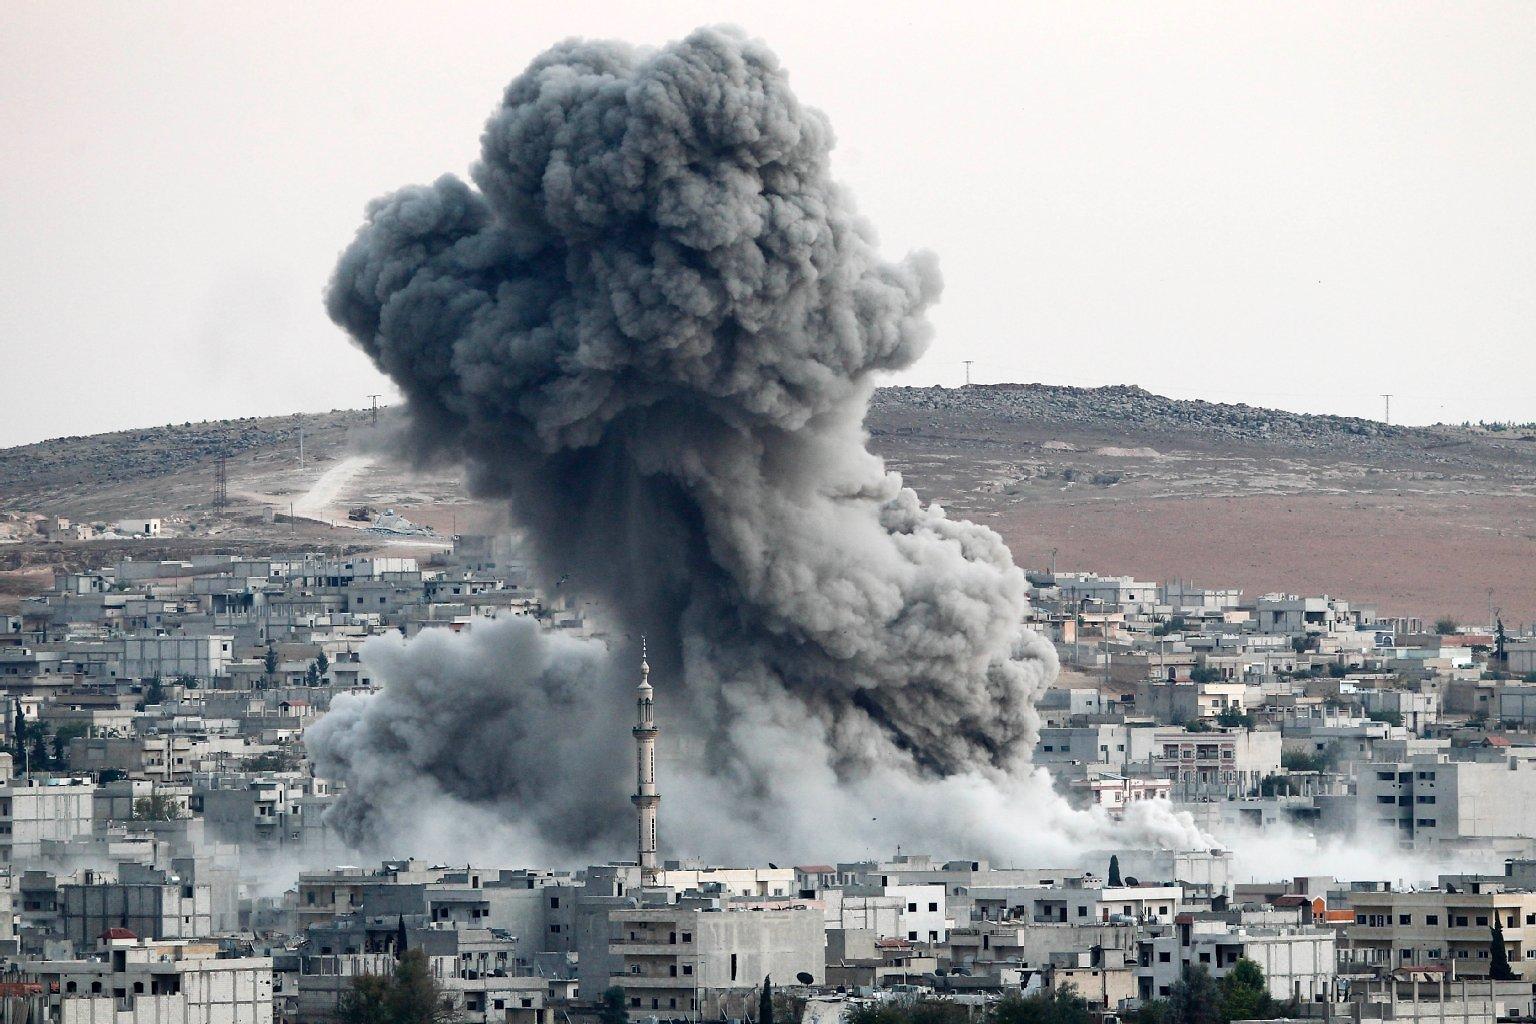 Atac chimic în Siria   Consiliul de Securitate al ONU se întruneşte luni la cererea Rusiei şi a SUA